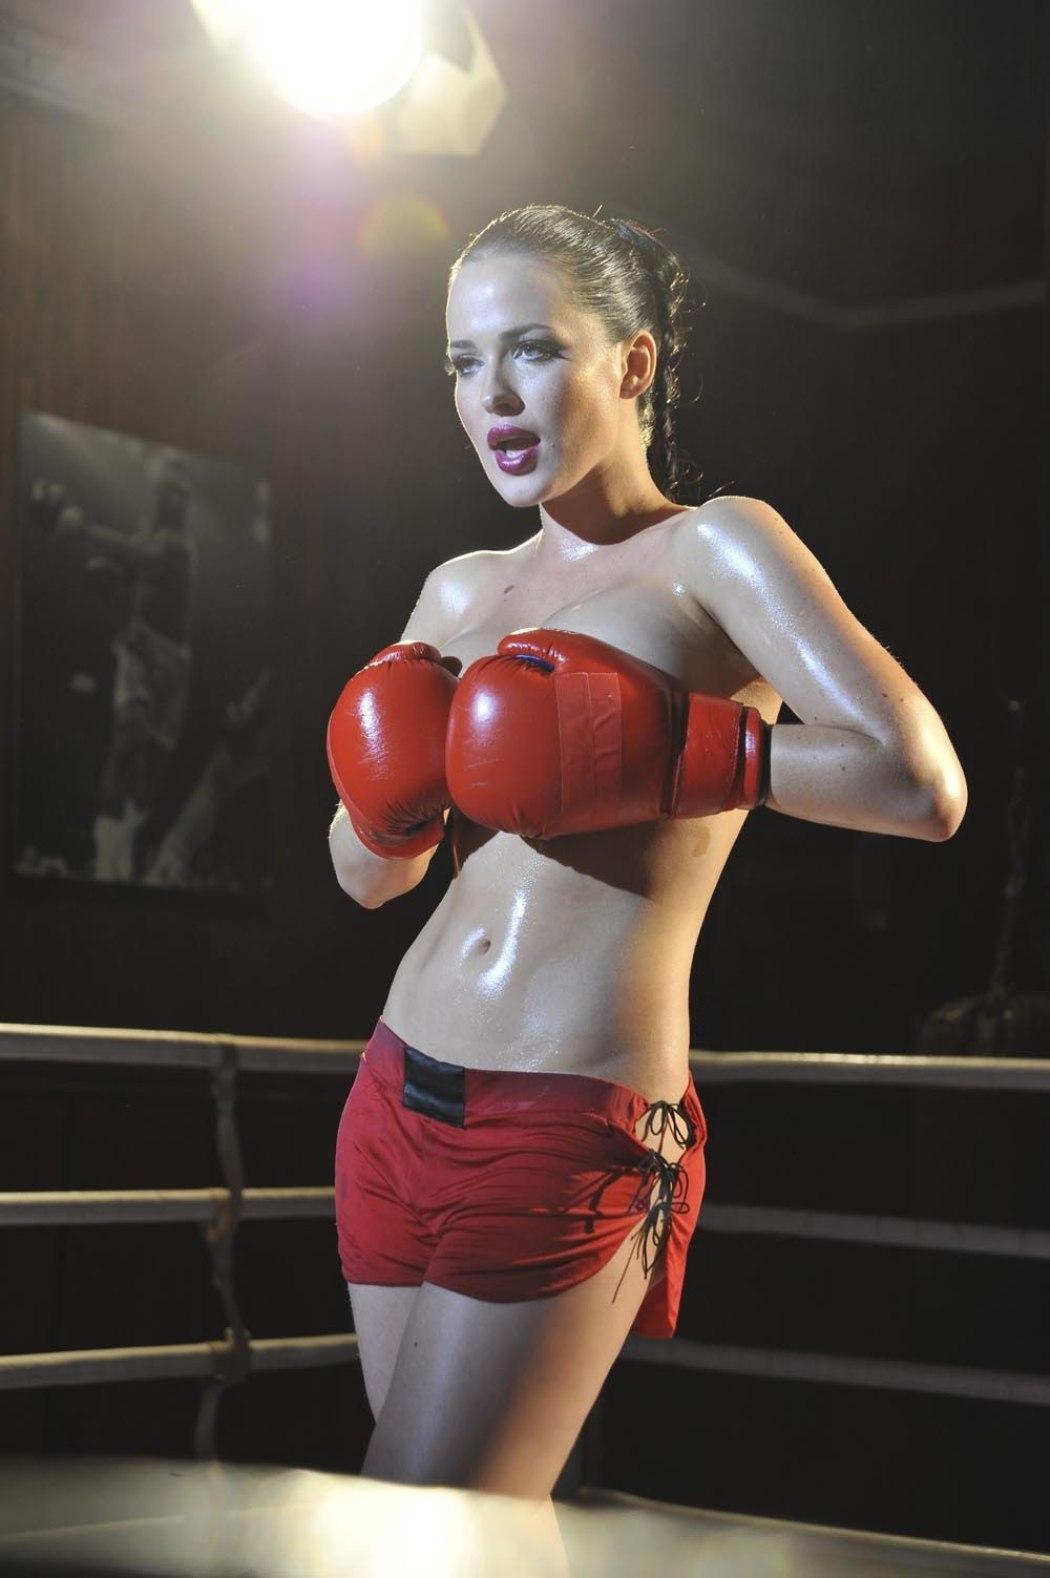 Эротика фото бокс 17 фотография